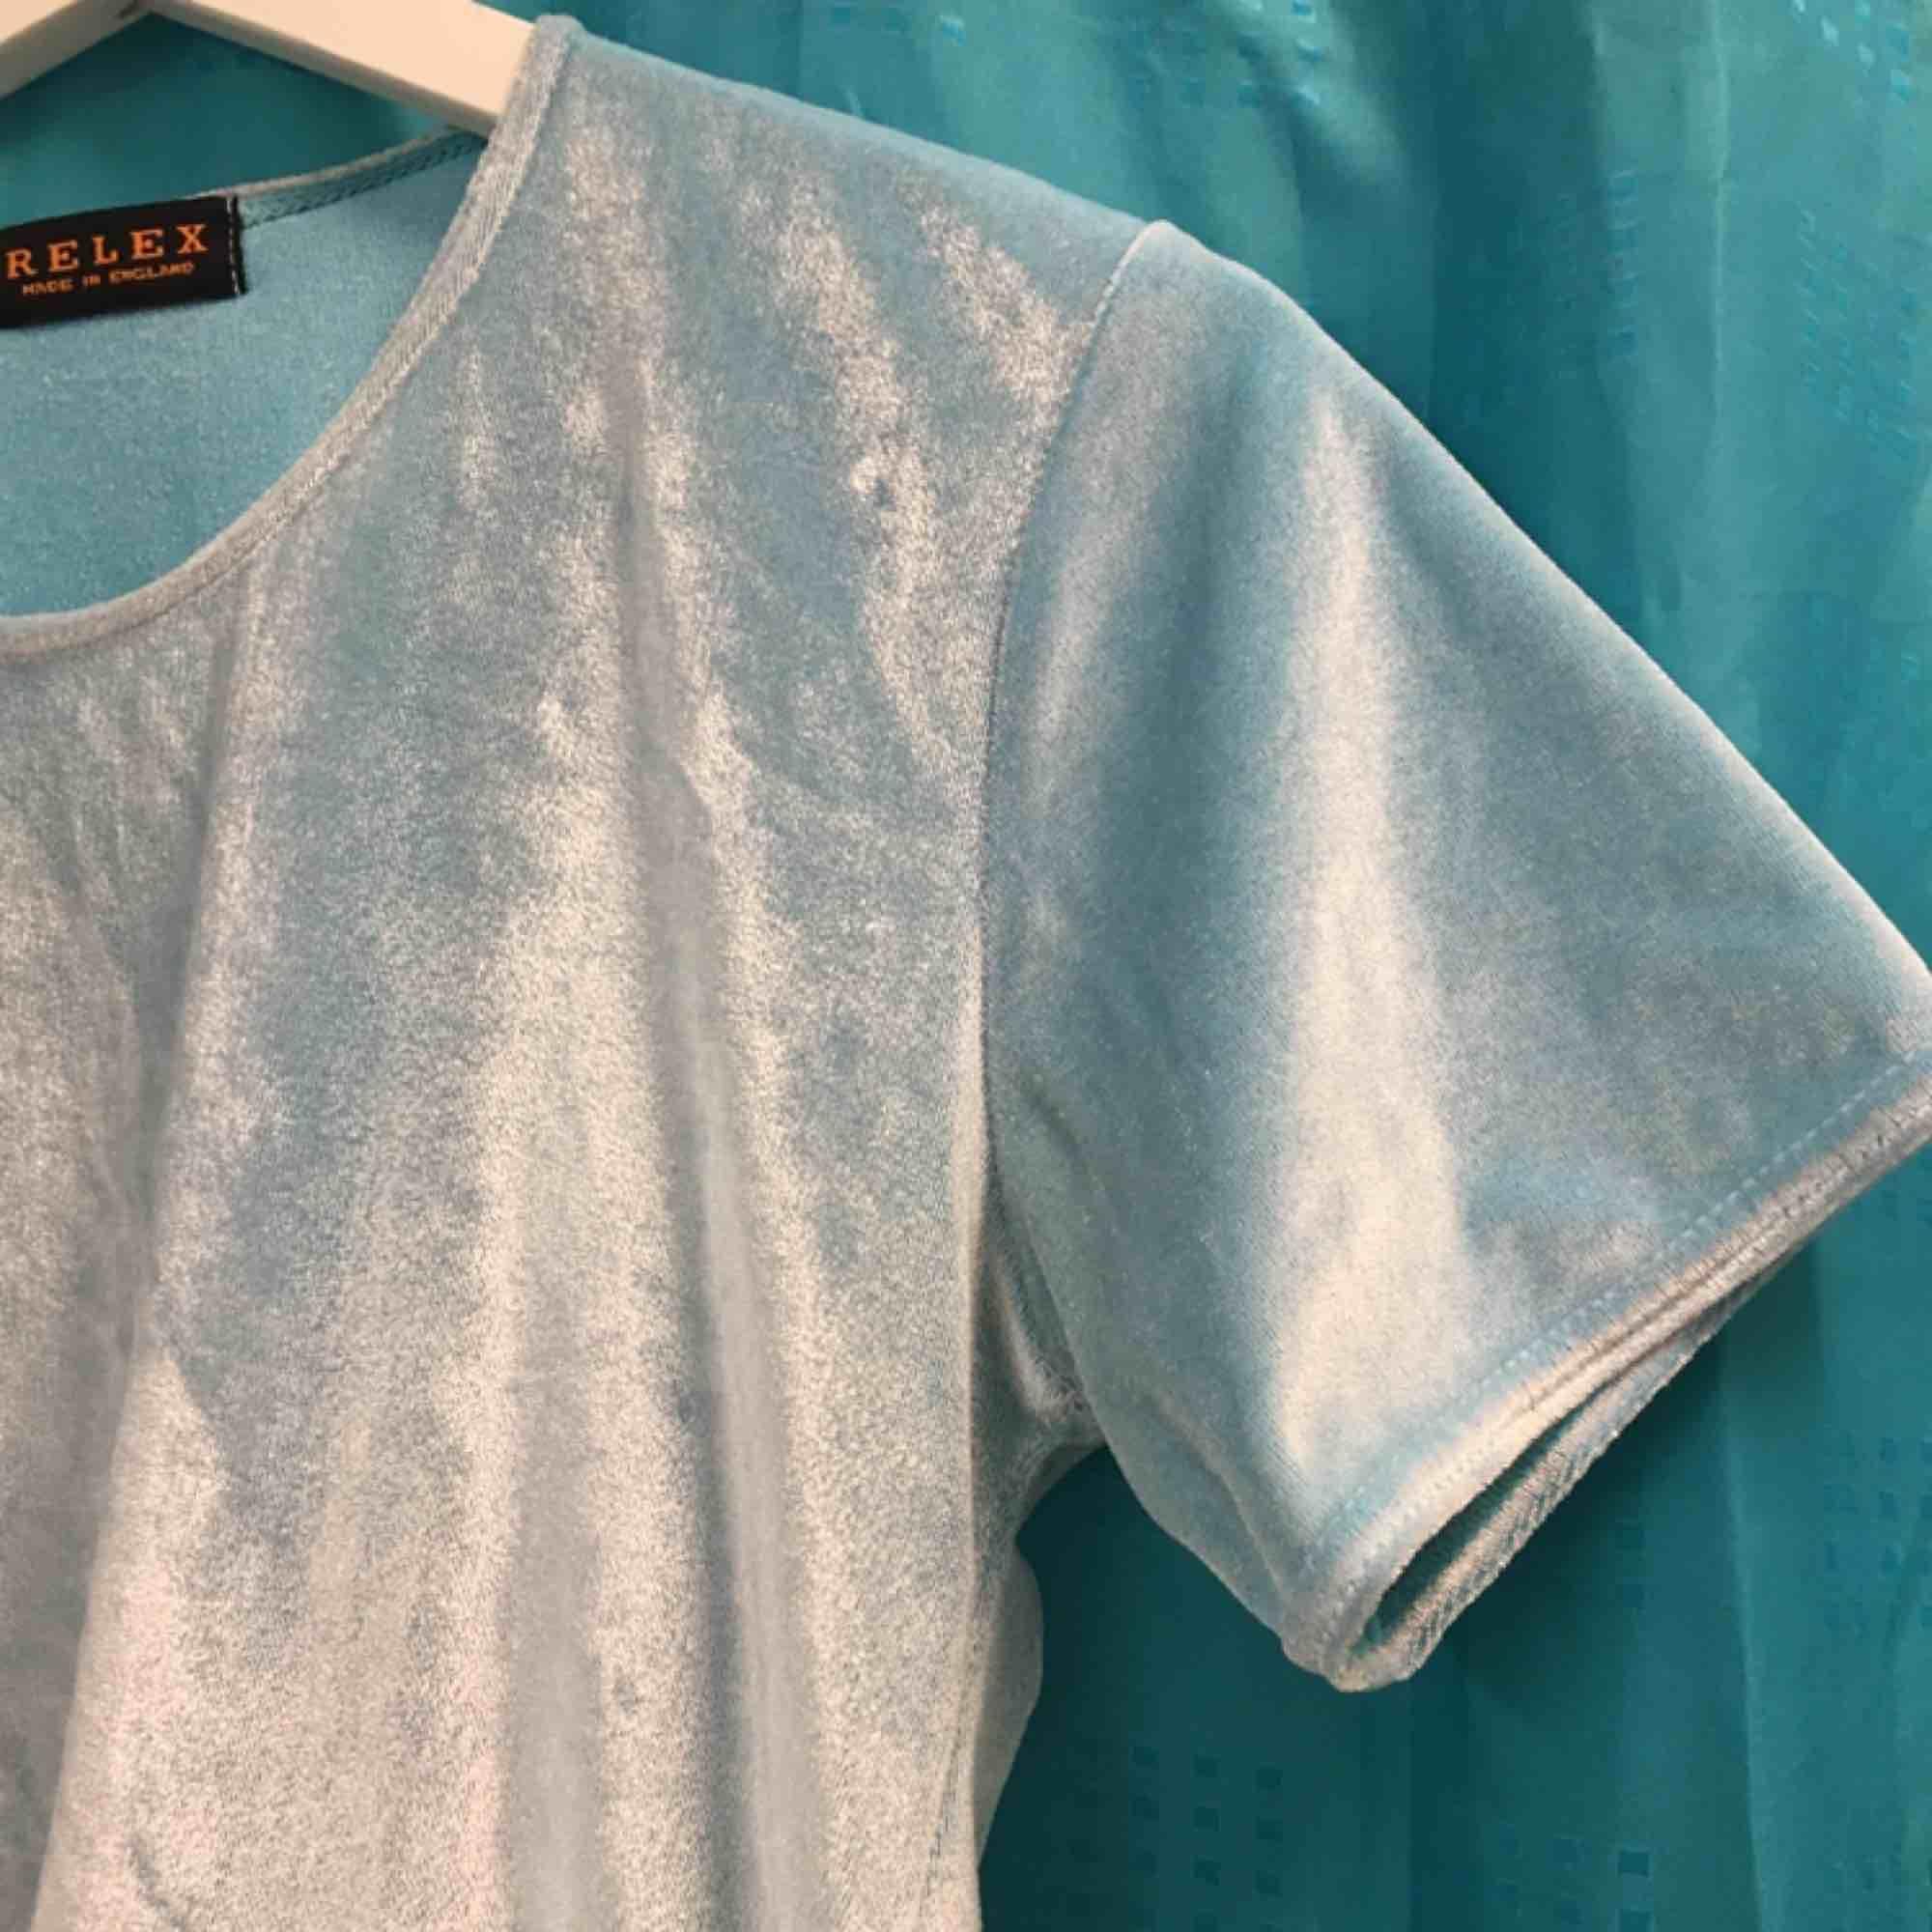 Ljusblå/turkos t-shirt i krossad velour.  (っ◔◡◔)っ MÅTT: Byst: 42,5cm Längd: 54cm Ärm: 18cm. T-shirts.